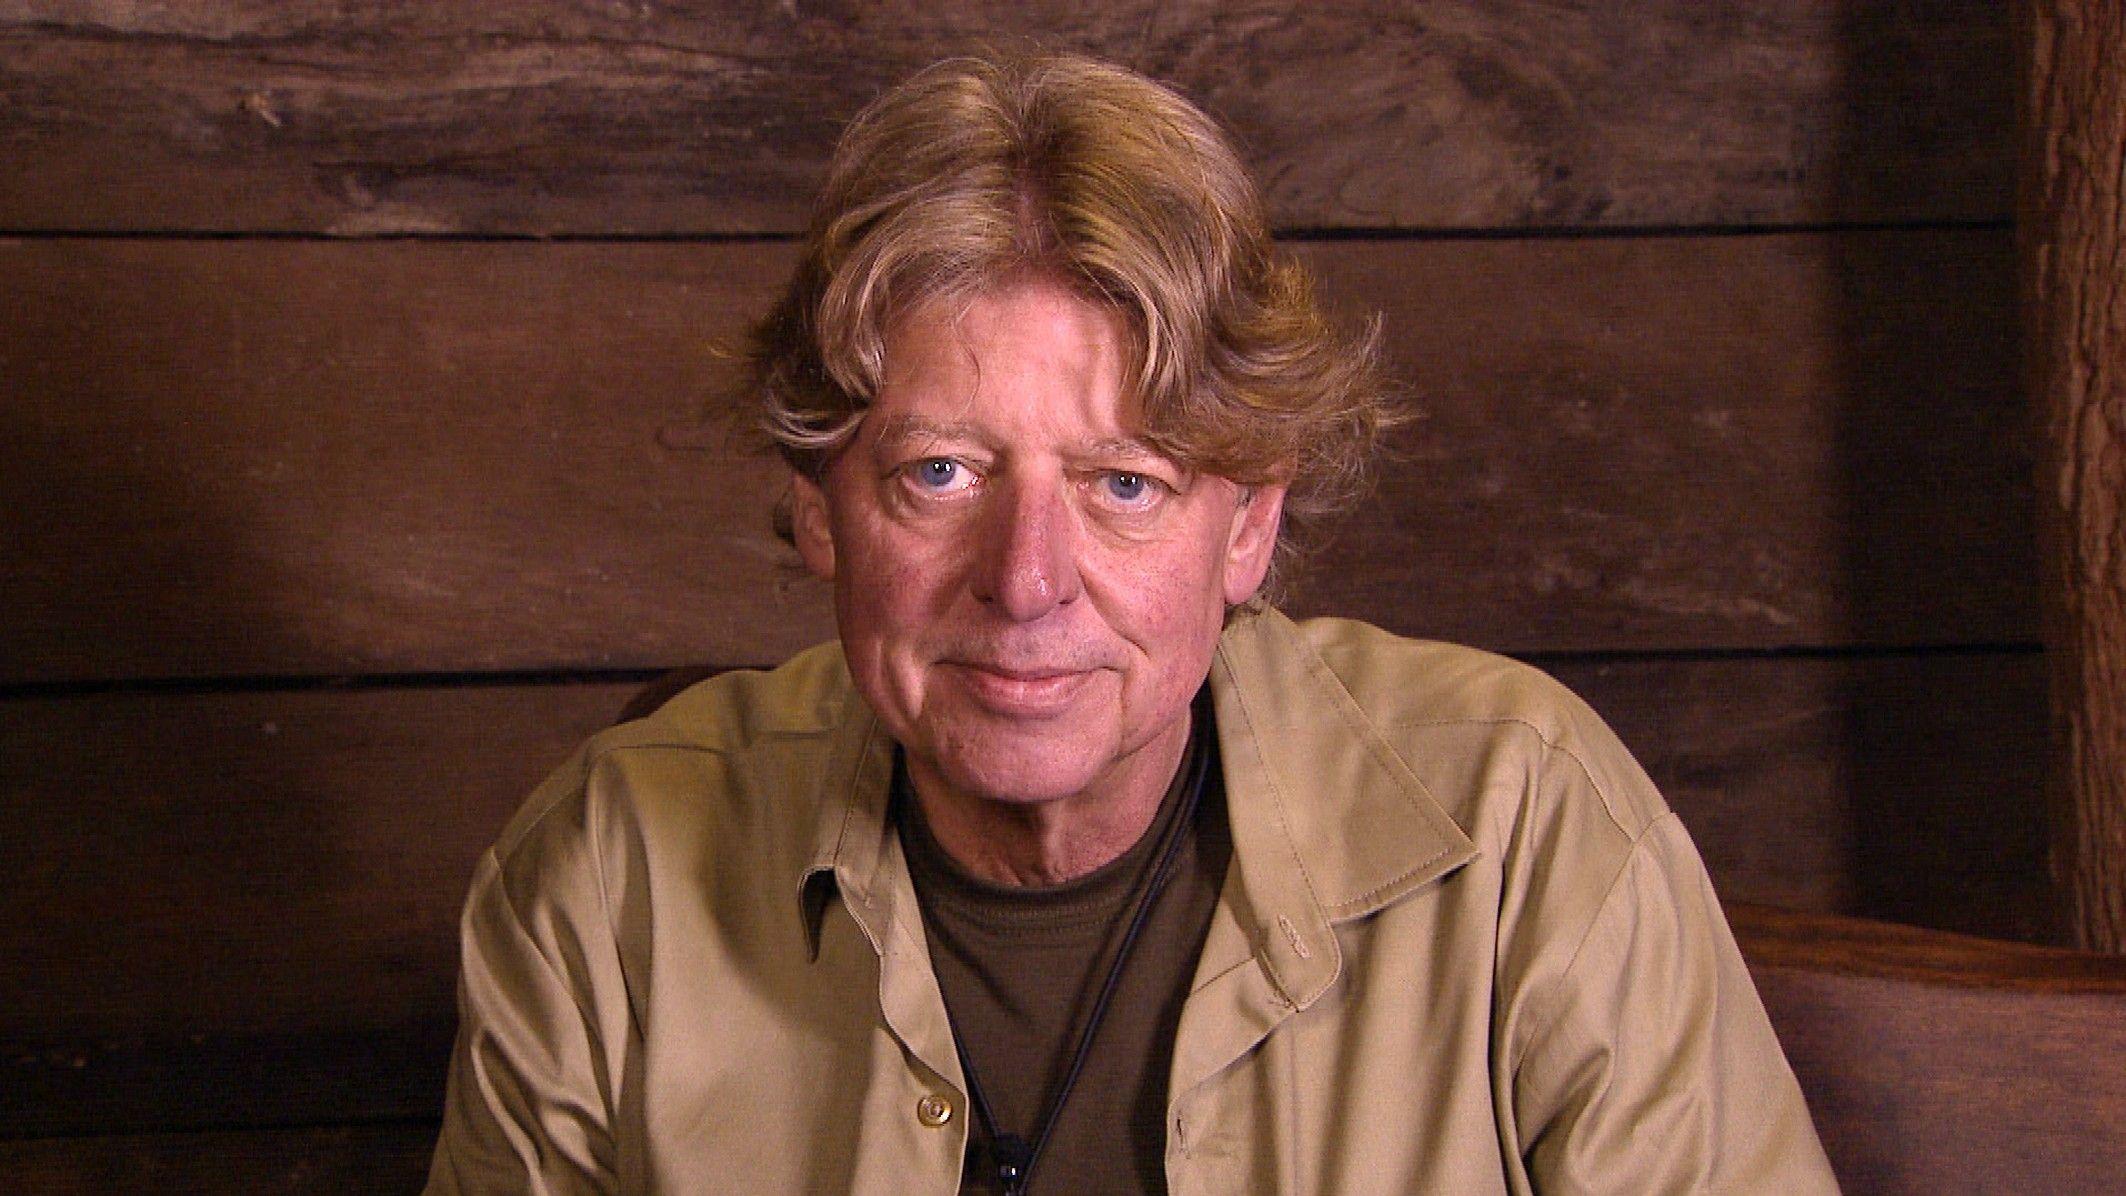 Dschungelcamp 2015 Tagebuch Tag 13 - Walter Freiwald